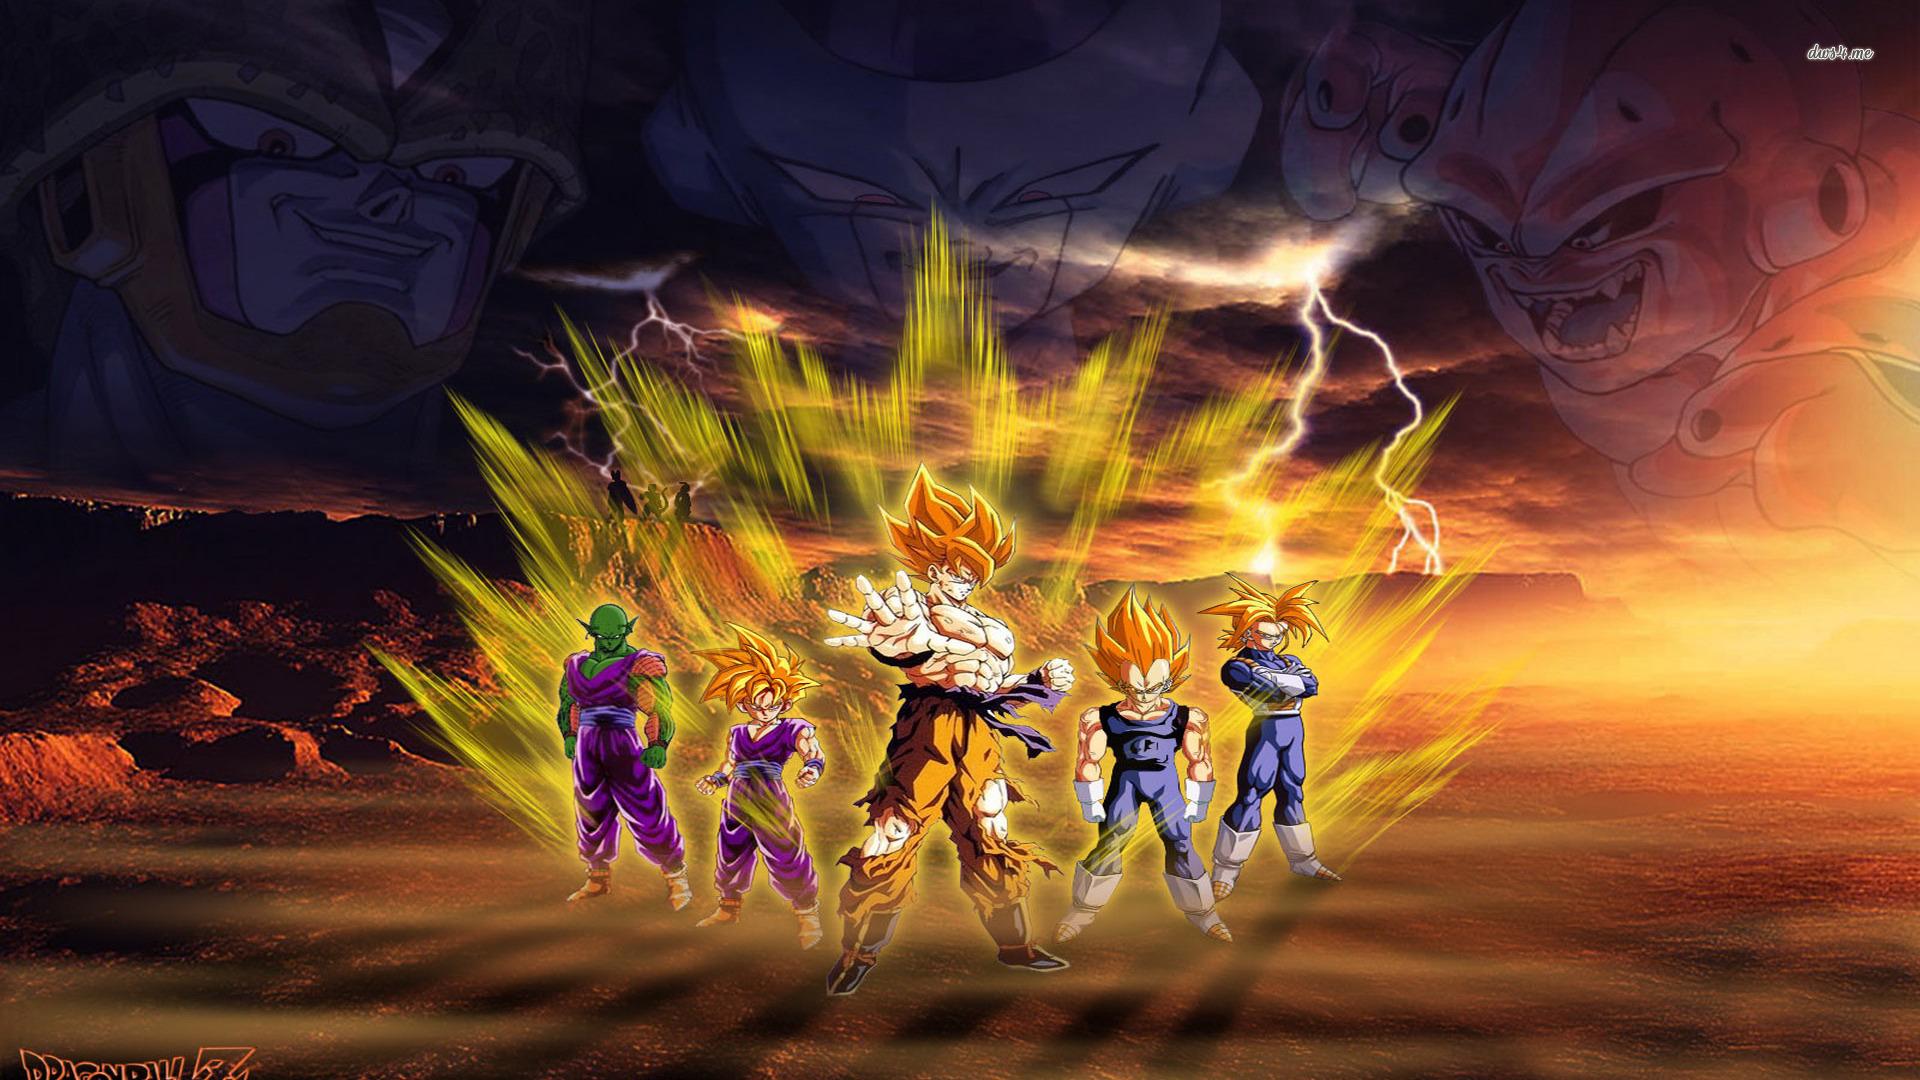 4K Dragon Ball Z Wallpaper  WallpaperSafari